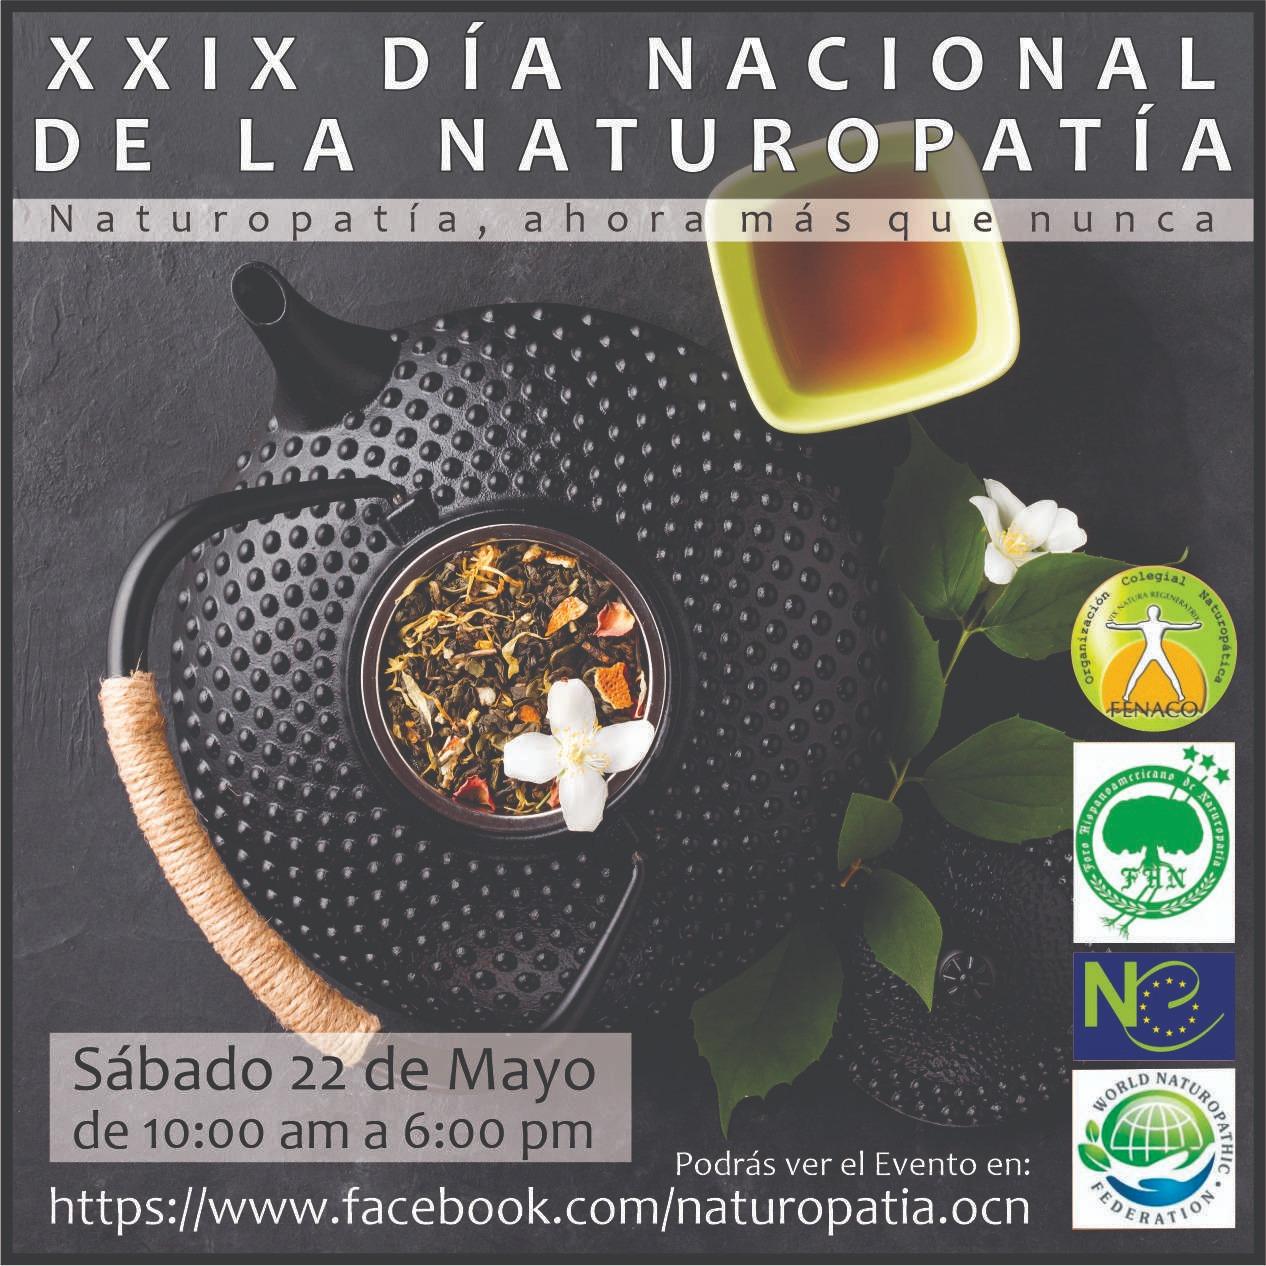 XXIX DÍA NACIONAL DE LA NATUROPATÍA @ ONLINE FACEBOOK